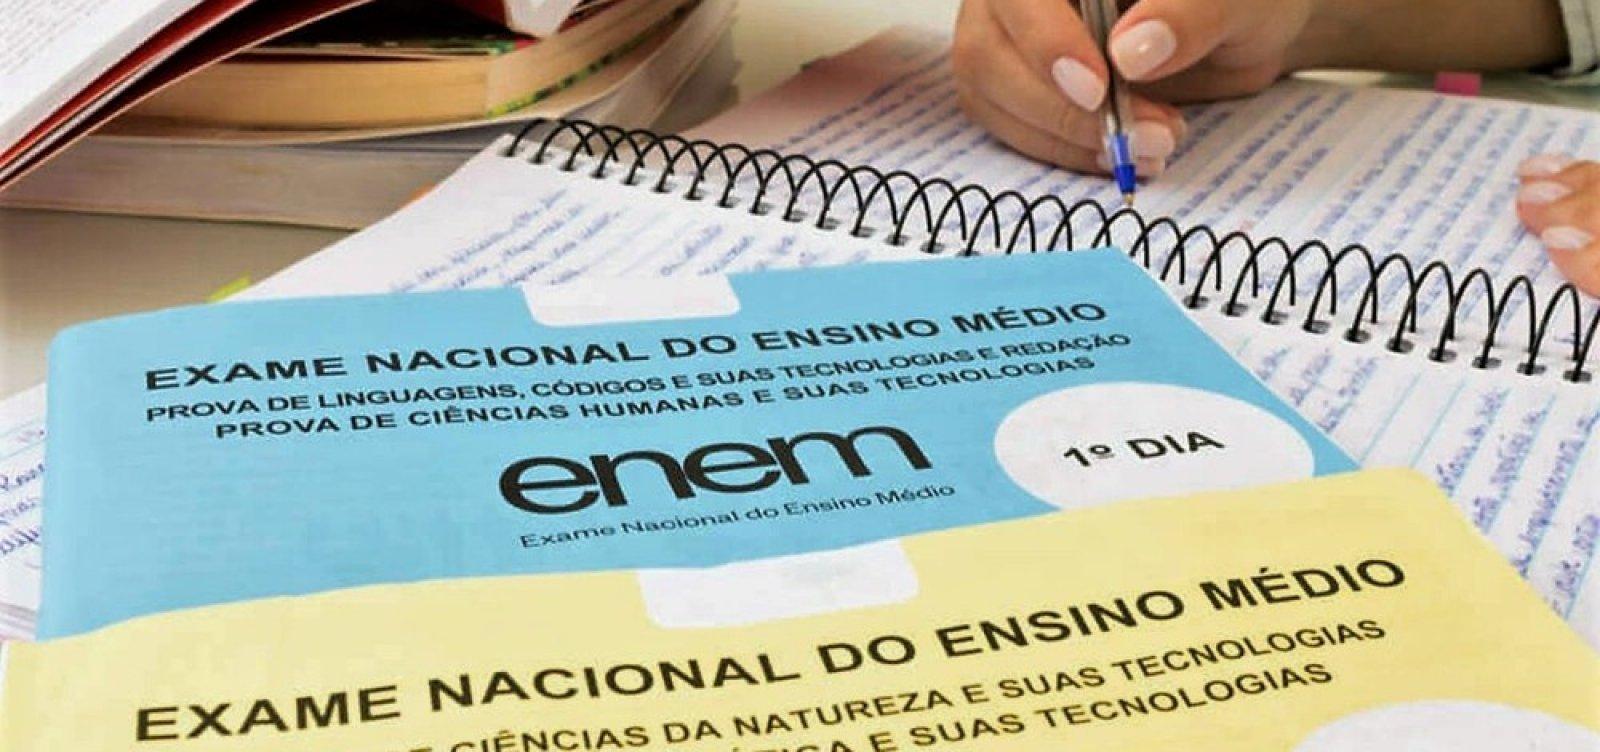 Presidente do Inep confirma ao CNE que Enem não será realizado em 2021